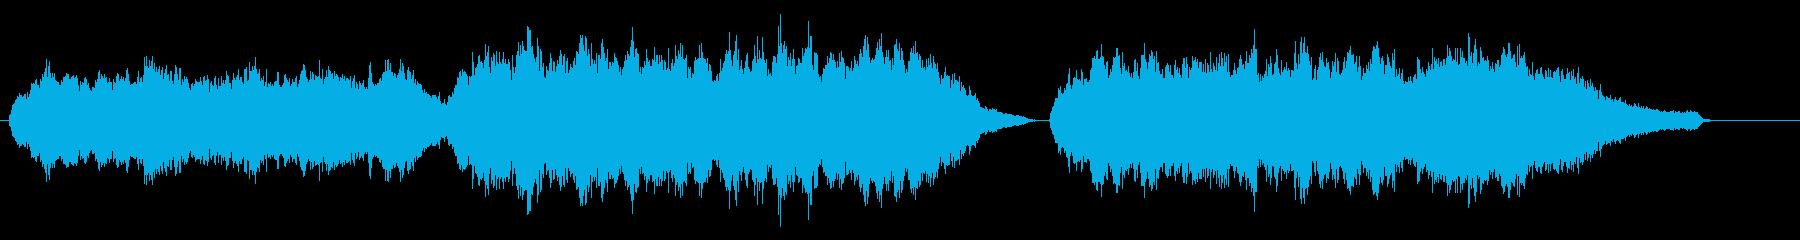 感動的な雰囲気のオーケストラバラードの再生済みの波形